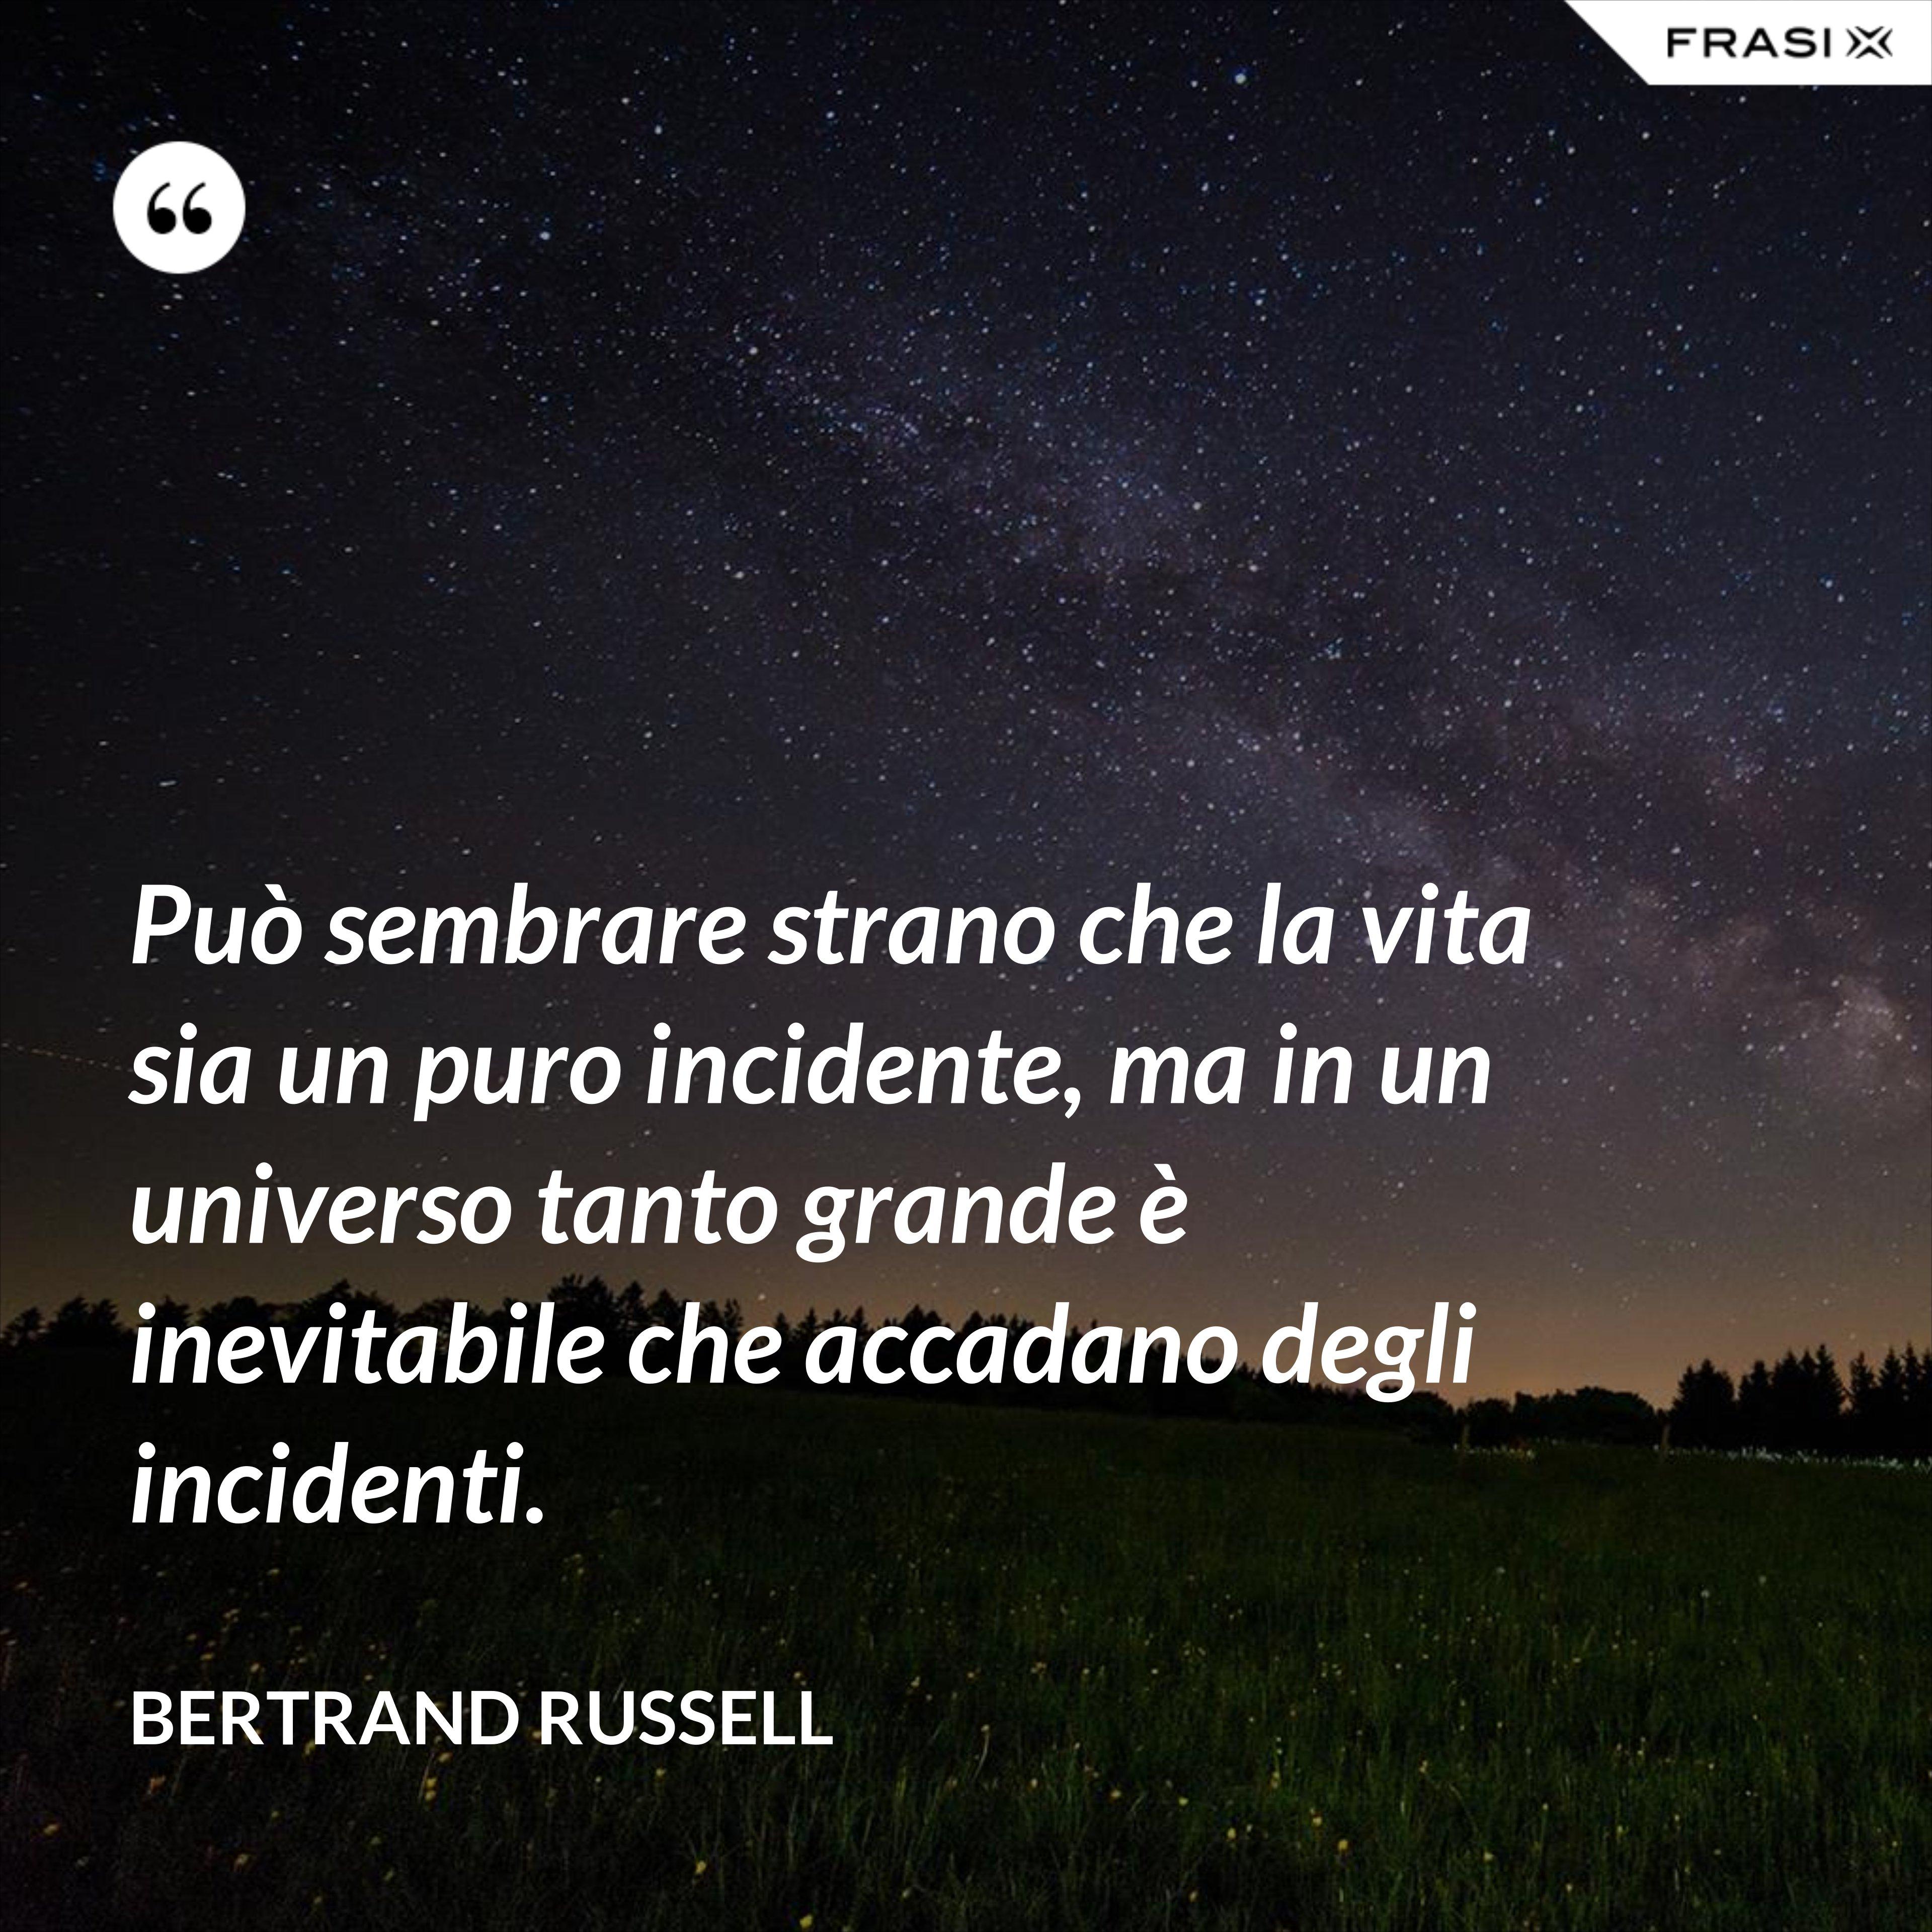 Può sembrare strano che la vita sia un puro incidente, ma in un universo tanto grande è inevitabile che accadano degli incidenti. - Bertrand Russell